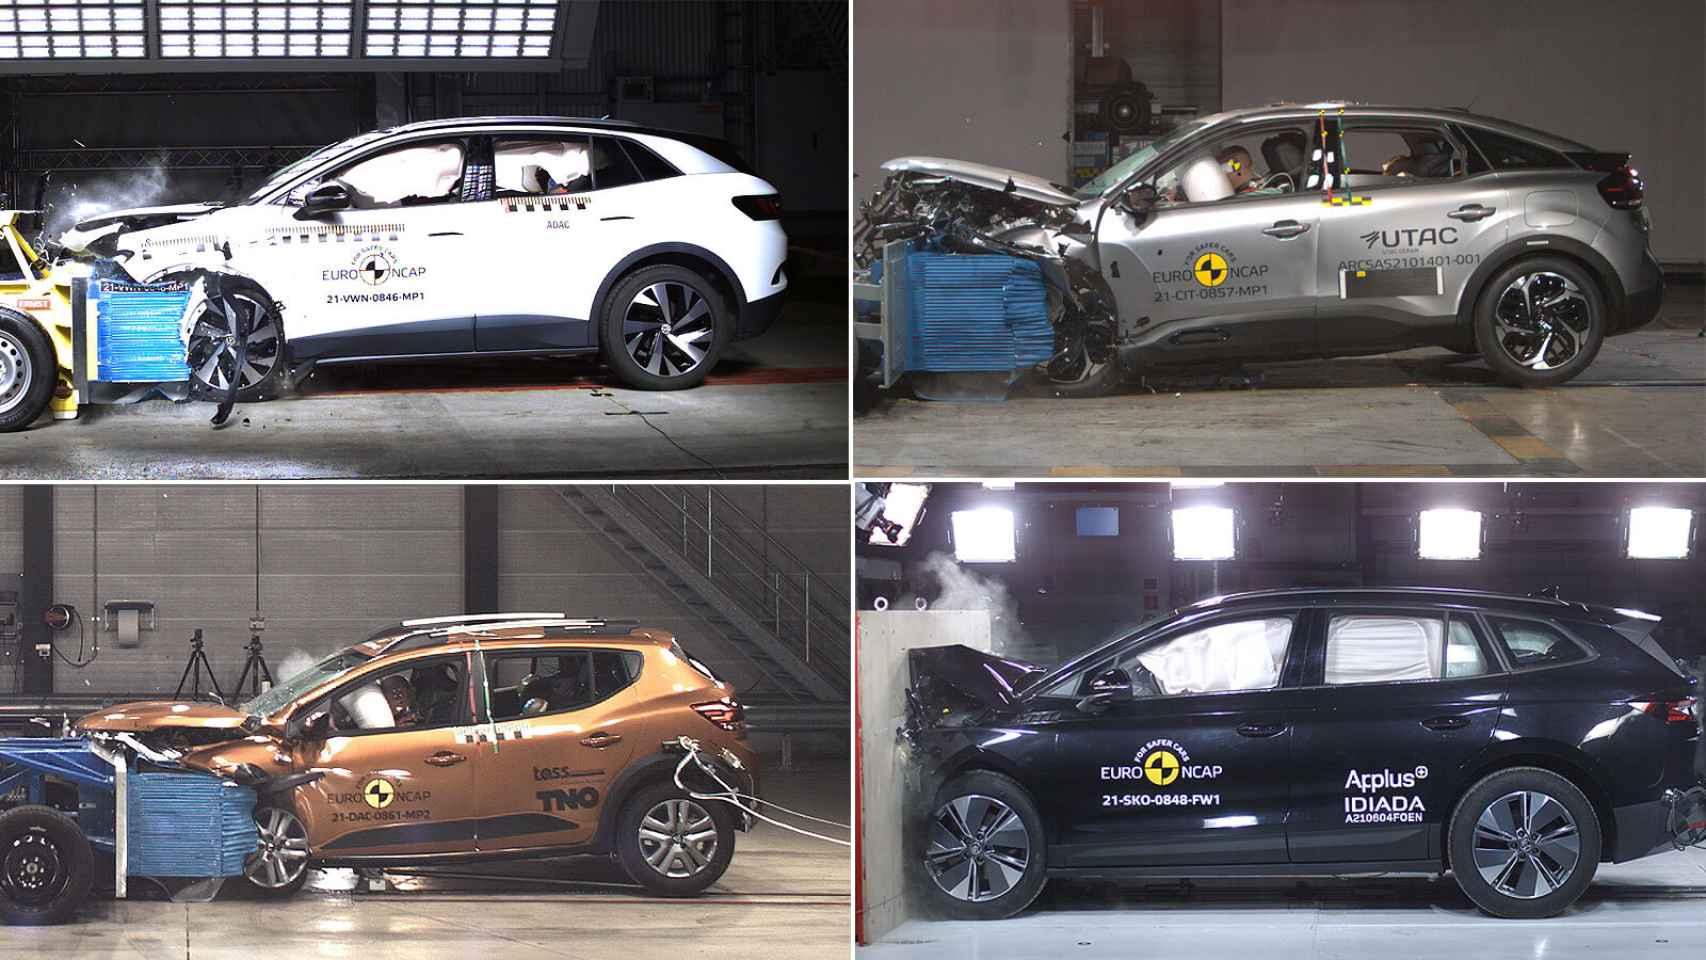 ¿Cuáles son los 10 coches más seguros de 2021? Este es el 'ranking' tras las pruebas de choque